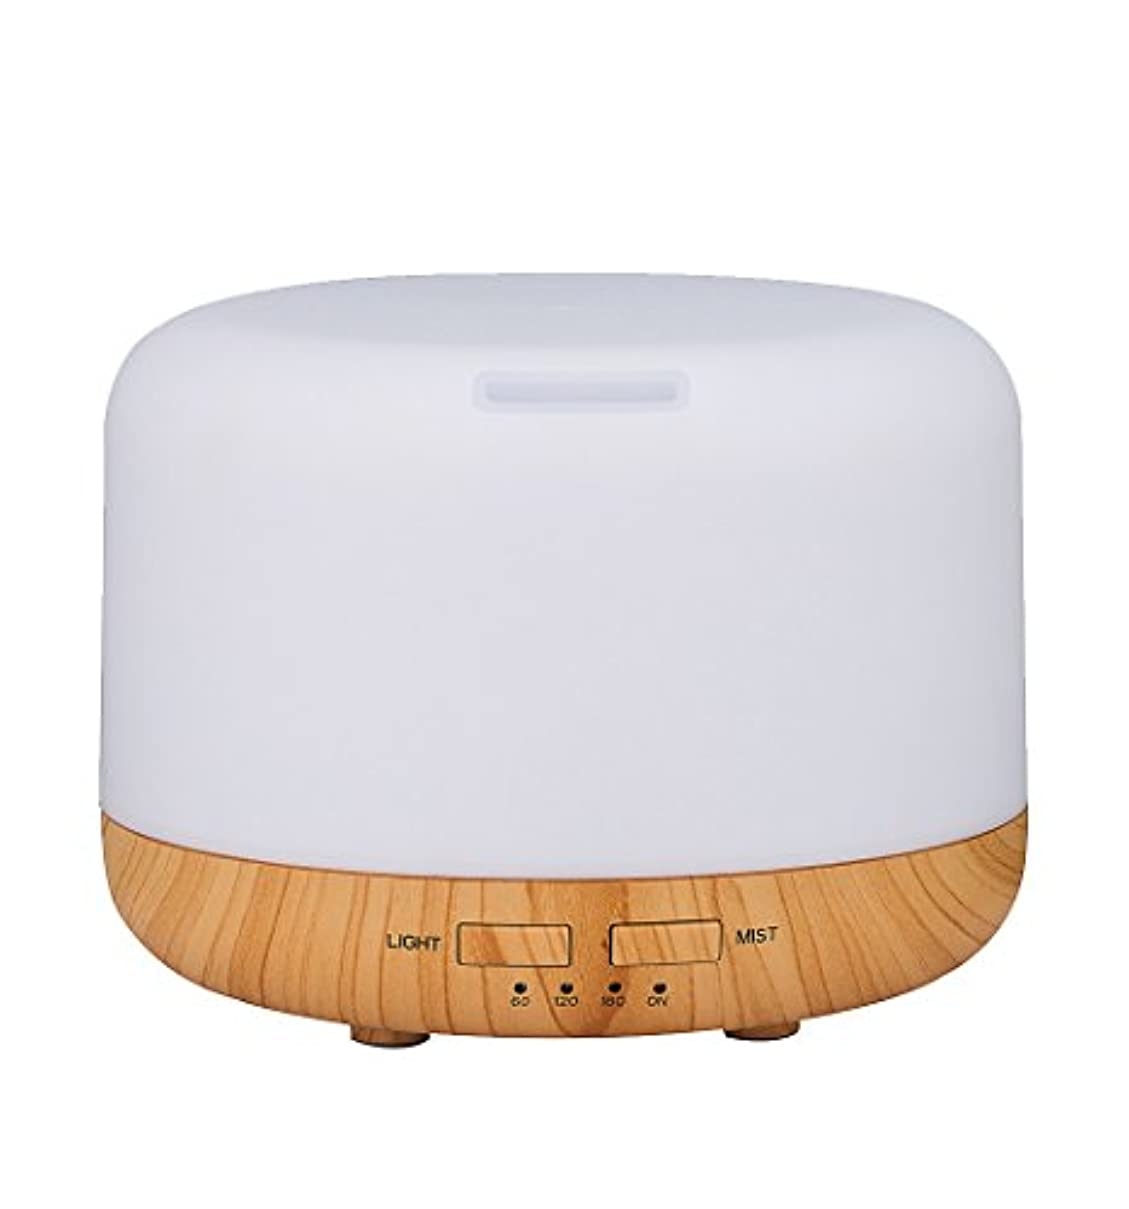 国民攻撃事務所Simple Life アロマディフューザー 超音波式 加湿器 400ml 7色変換LED搭載 木目調 アロマライト (ホワイト)